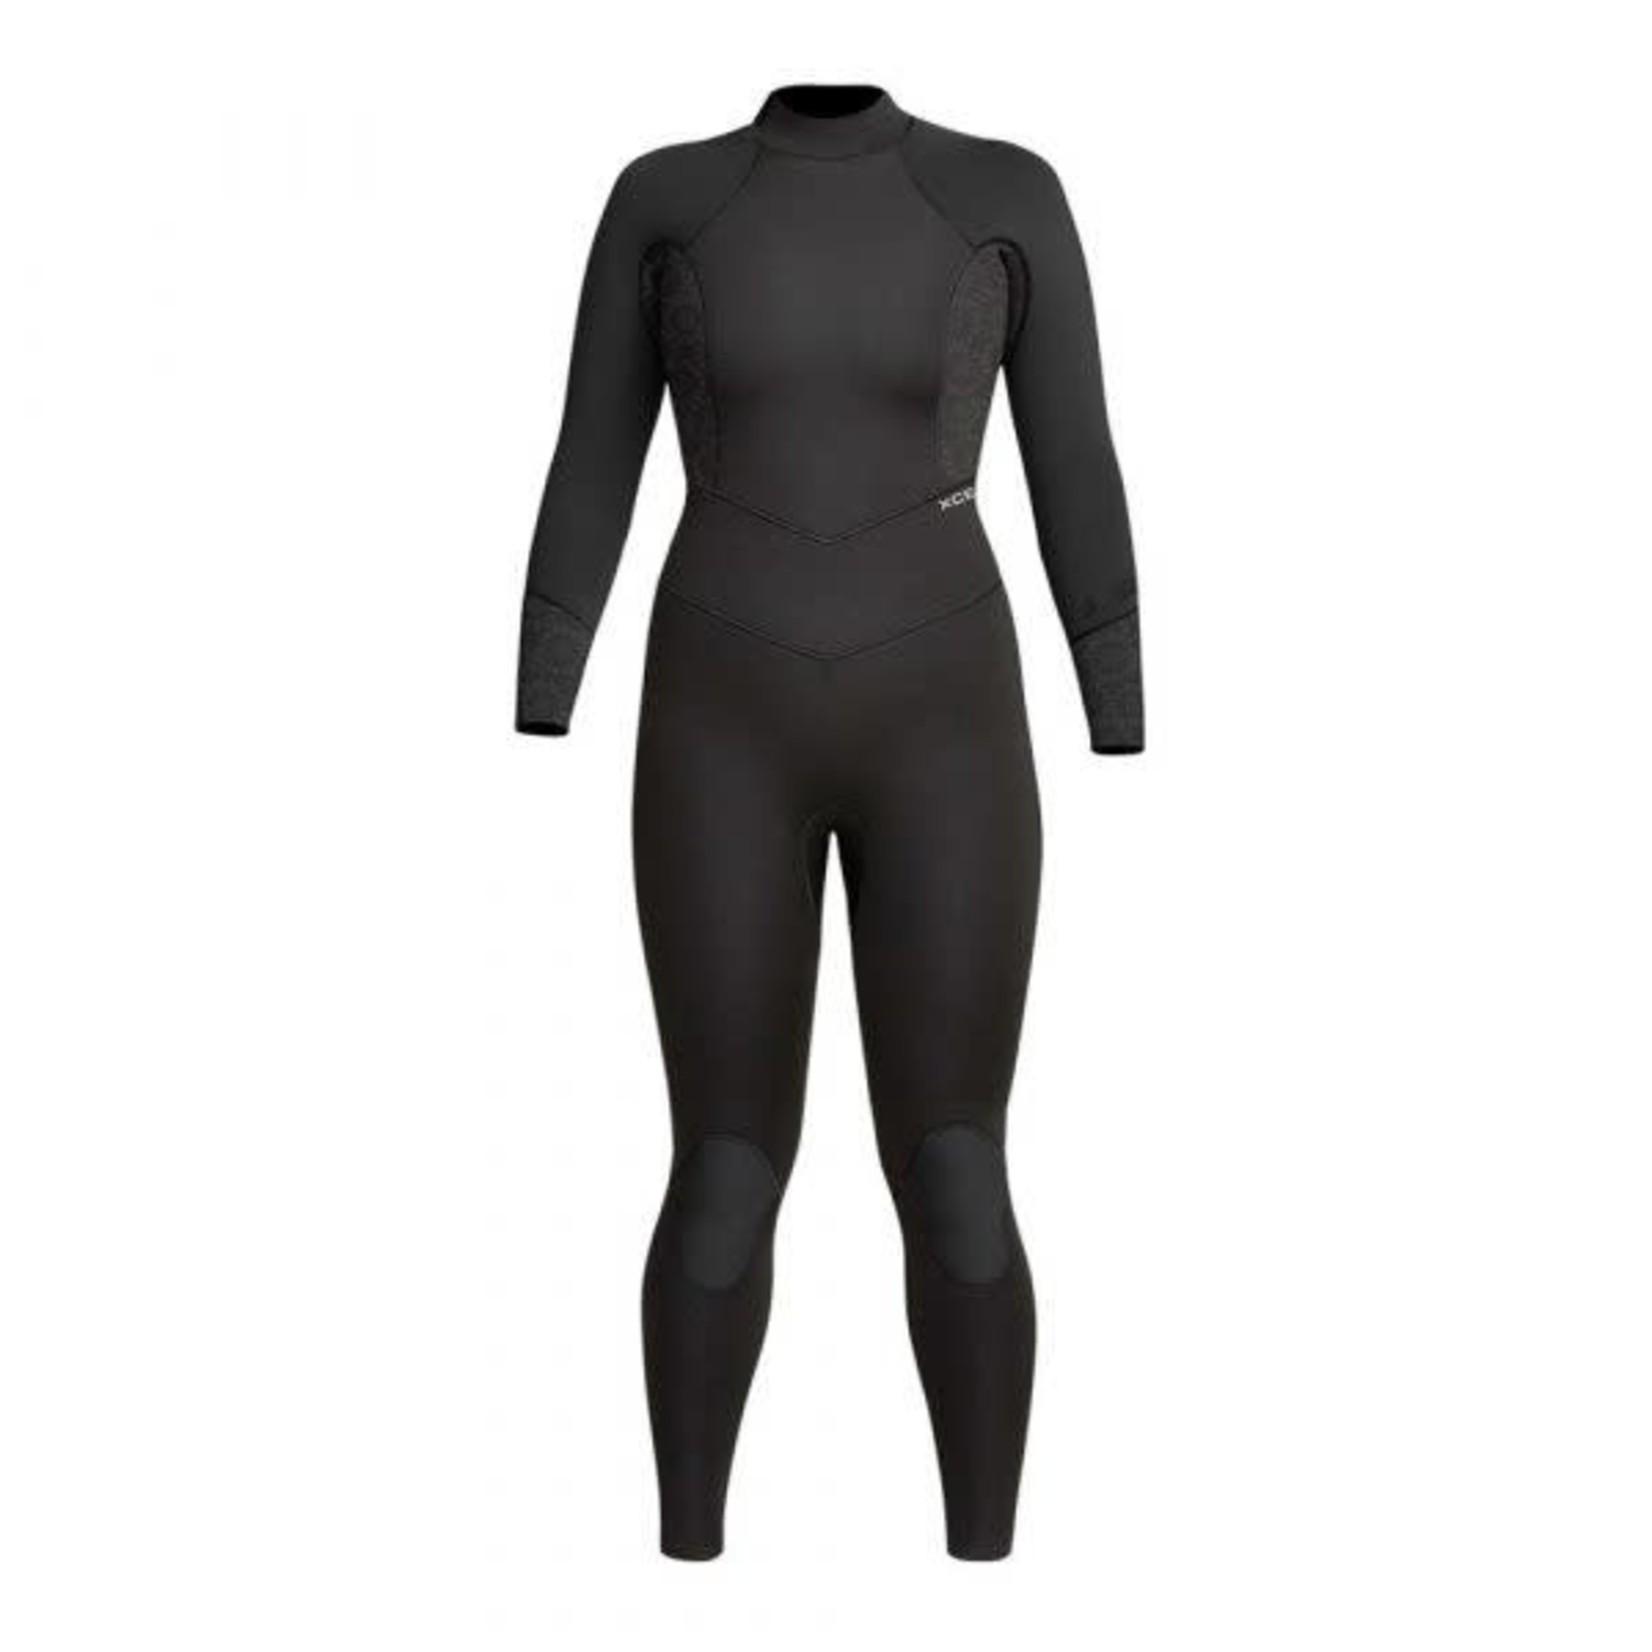 XCEL XCEL Women's Axis 5/4mm Back Zip Wetsuit.